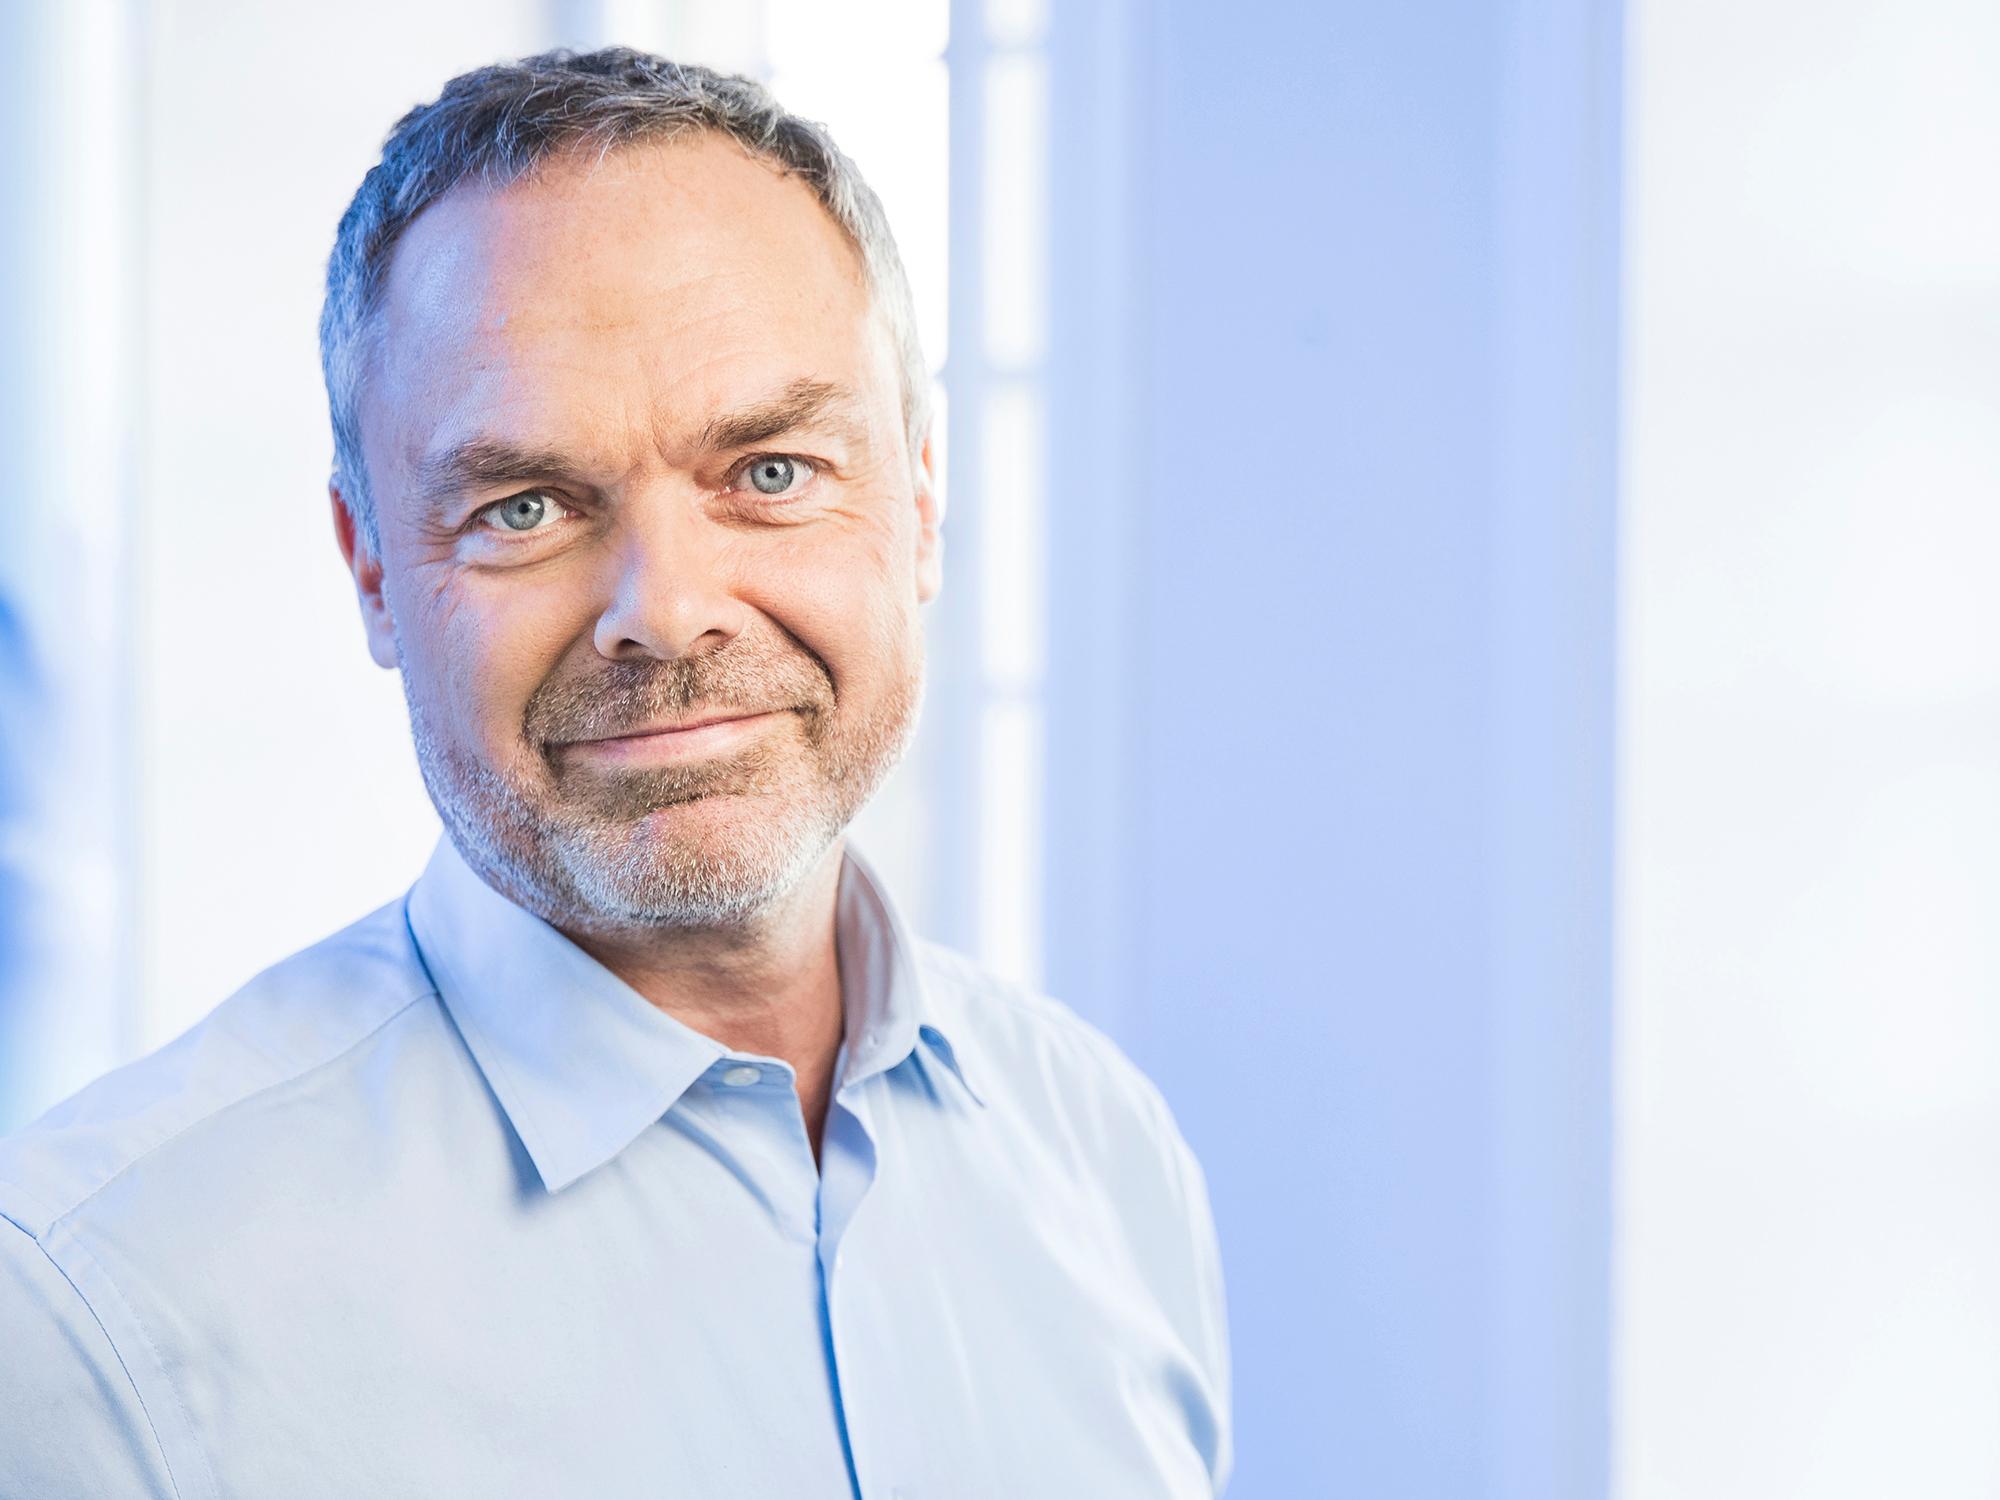 Jan bjorlund